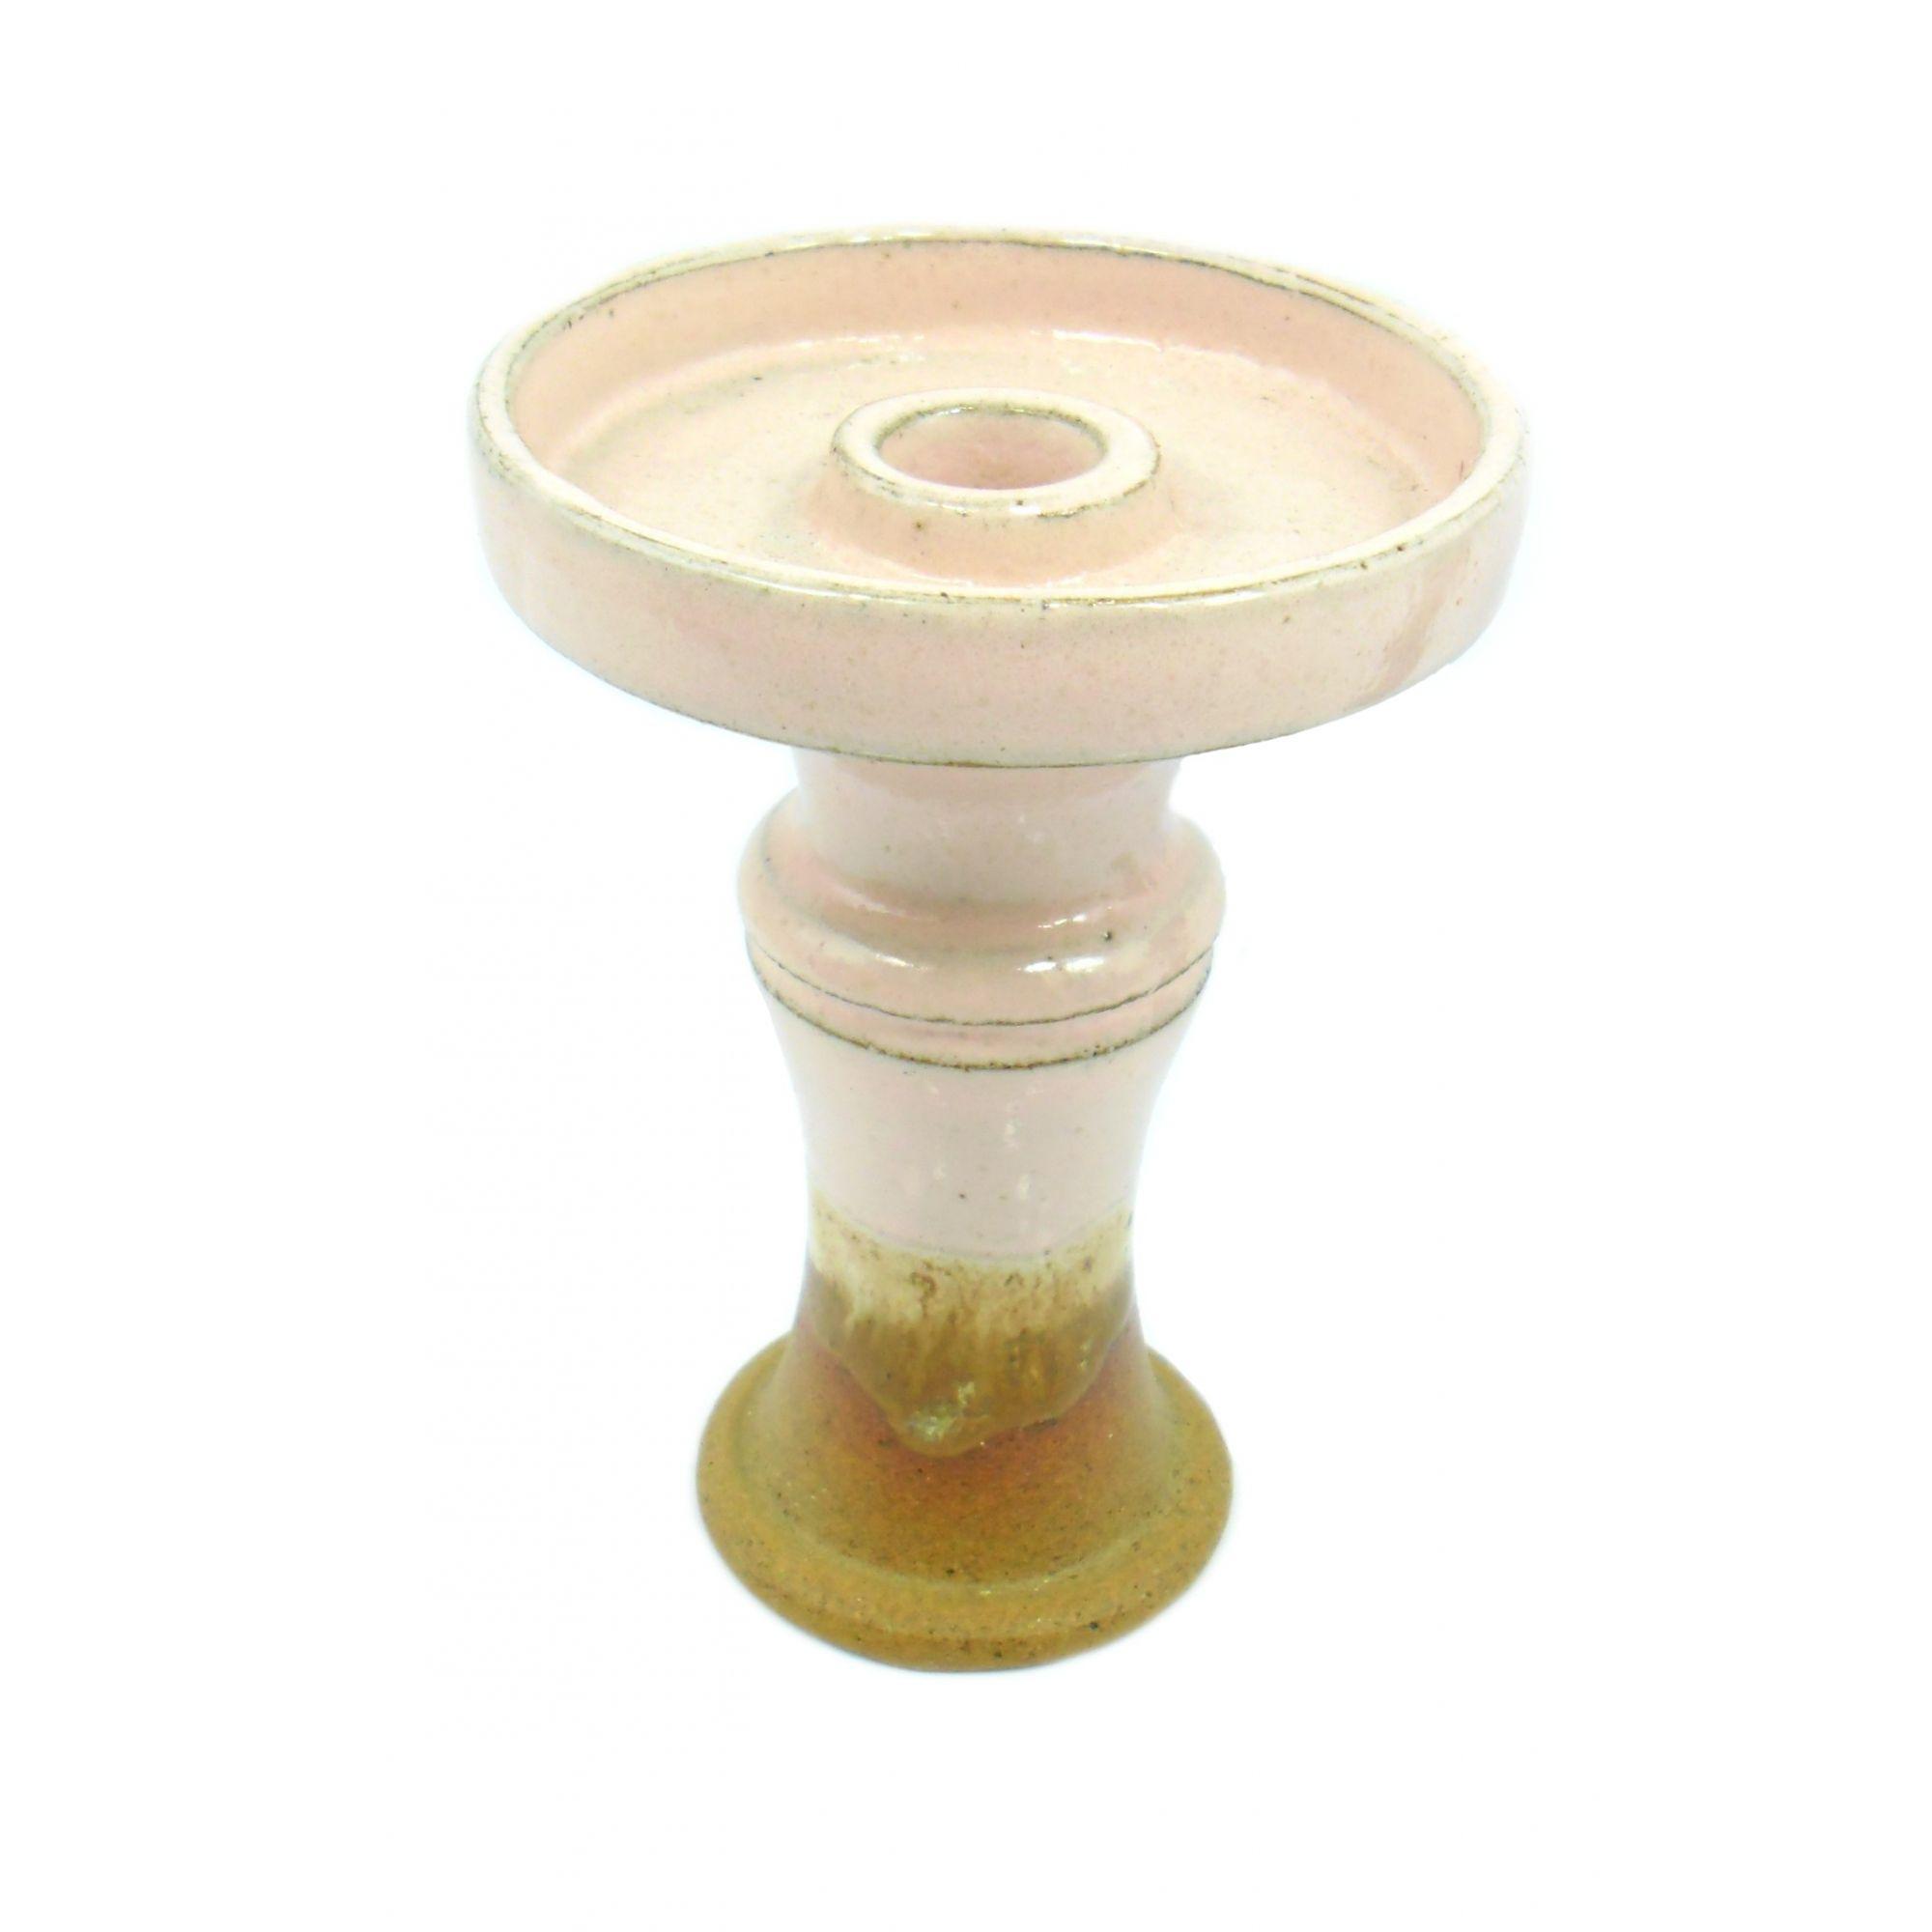 Fornilho/Rosh para narguile Mahalla Invoke (funil) encaixe fêmea,refratário,pintura artística 10,5cm